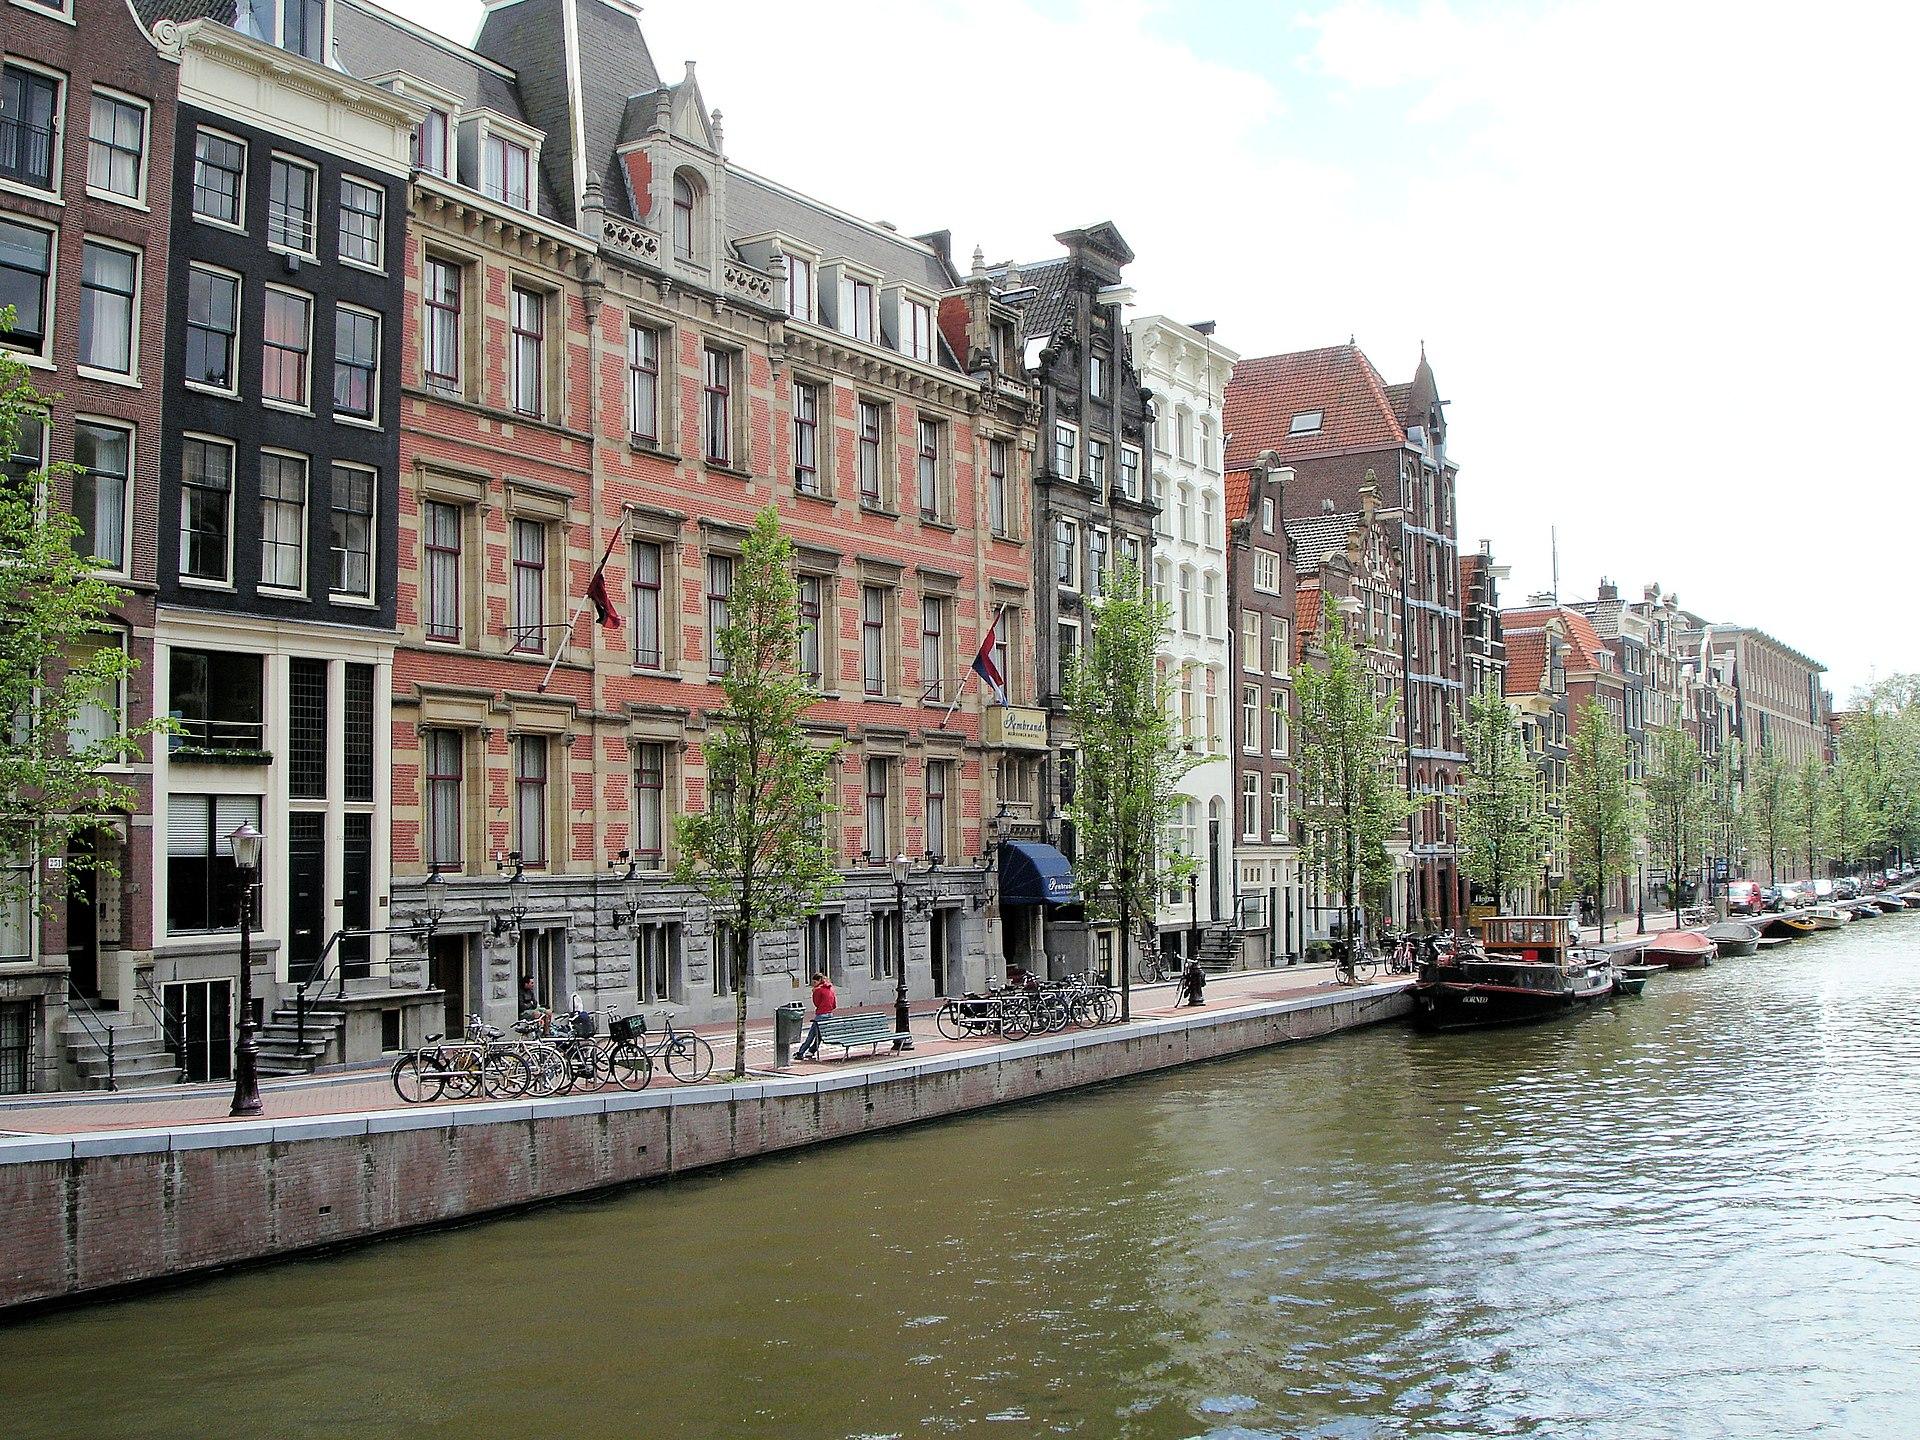 https://upload.wikimedia.org/wikipedia/commons/thumb/7/74/Amsterdam%2C_Netherlands_-_panoramio.jpg/1920px-Amsterdam%2C_Netherlands_-_panoramio.jpg